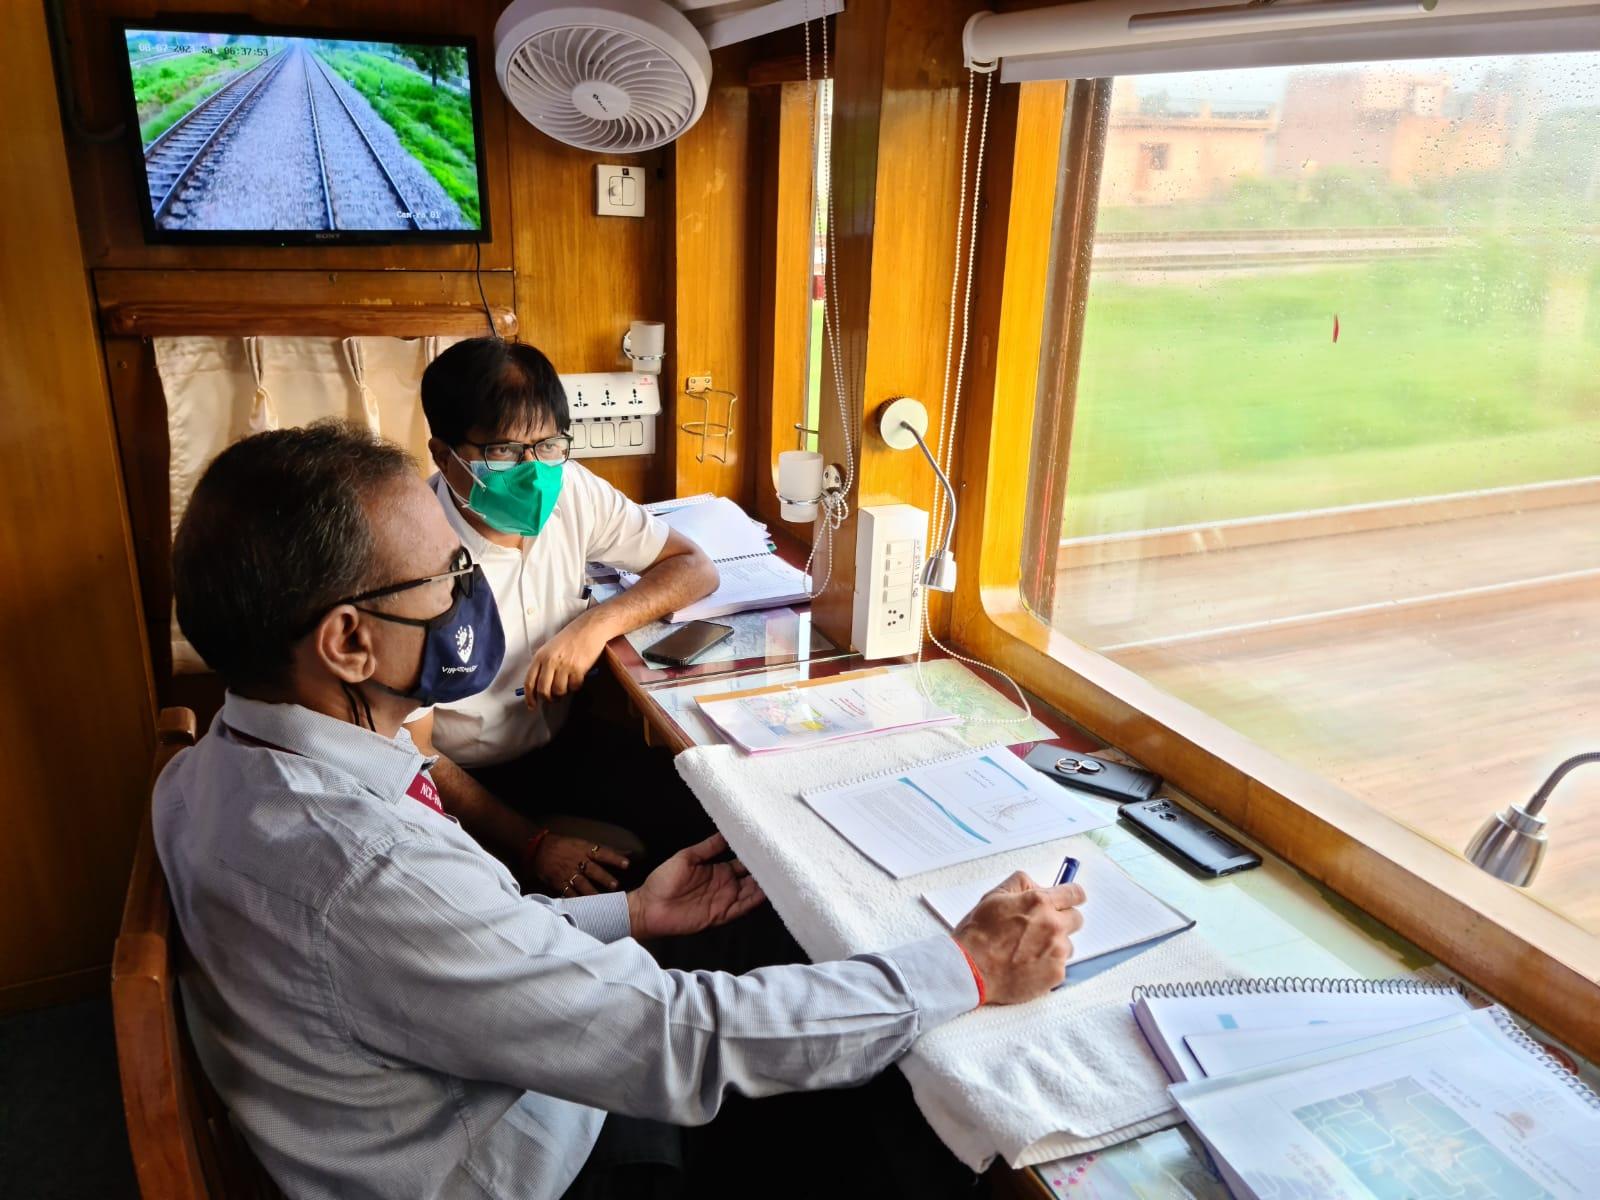 विंडो ट्रेलिंग से निरीक्षण करते उत्तर मध्य रेलवे के महाप्रबंधक प्रमोद कुमार - Dainik Bhaskar